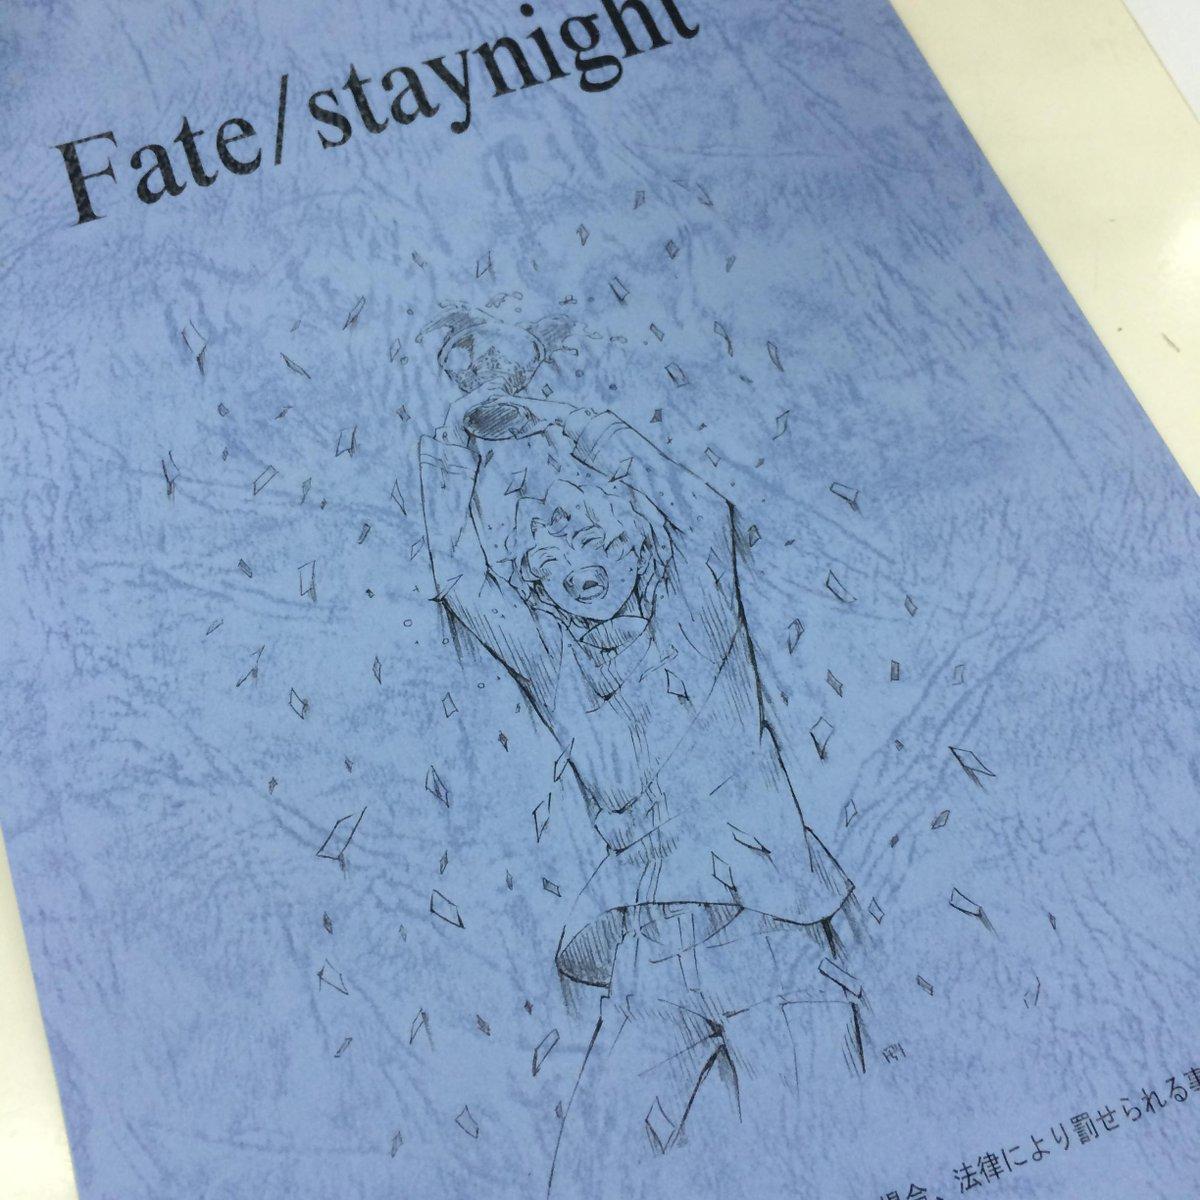 Fate/staynight #21ご覧頂きありがとうございました。  今週の台本表紙は、聖杯を手にした「間桐慎二」(妄想)。 「間桐慎二」ラストカットの原画を担当した塩島が担当しました。 #ufotable http://t.co/jcIlOQQ4wN